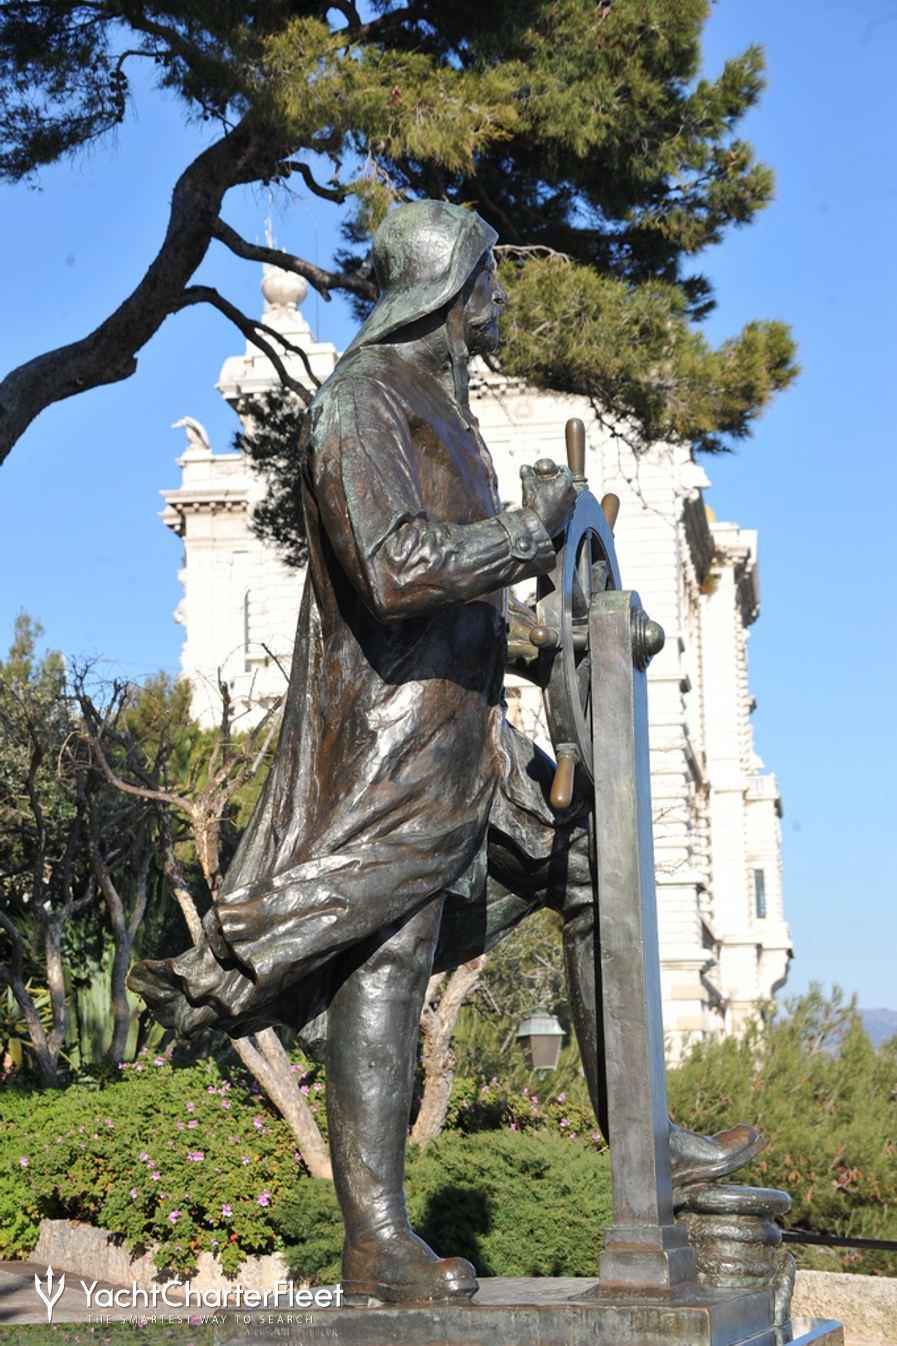 Statue of Sailor, Jardin St. Martin